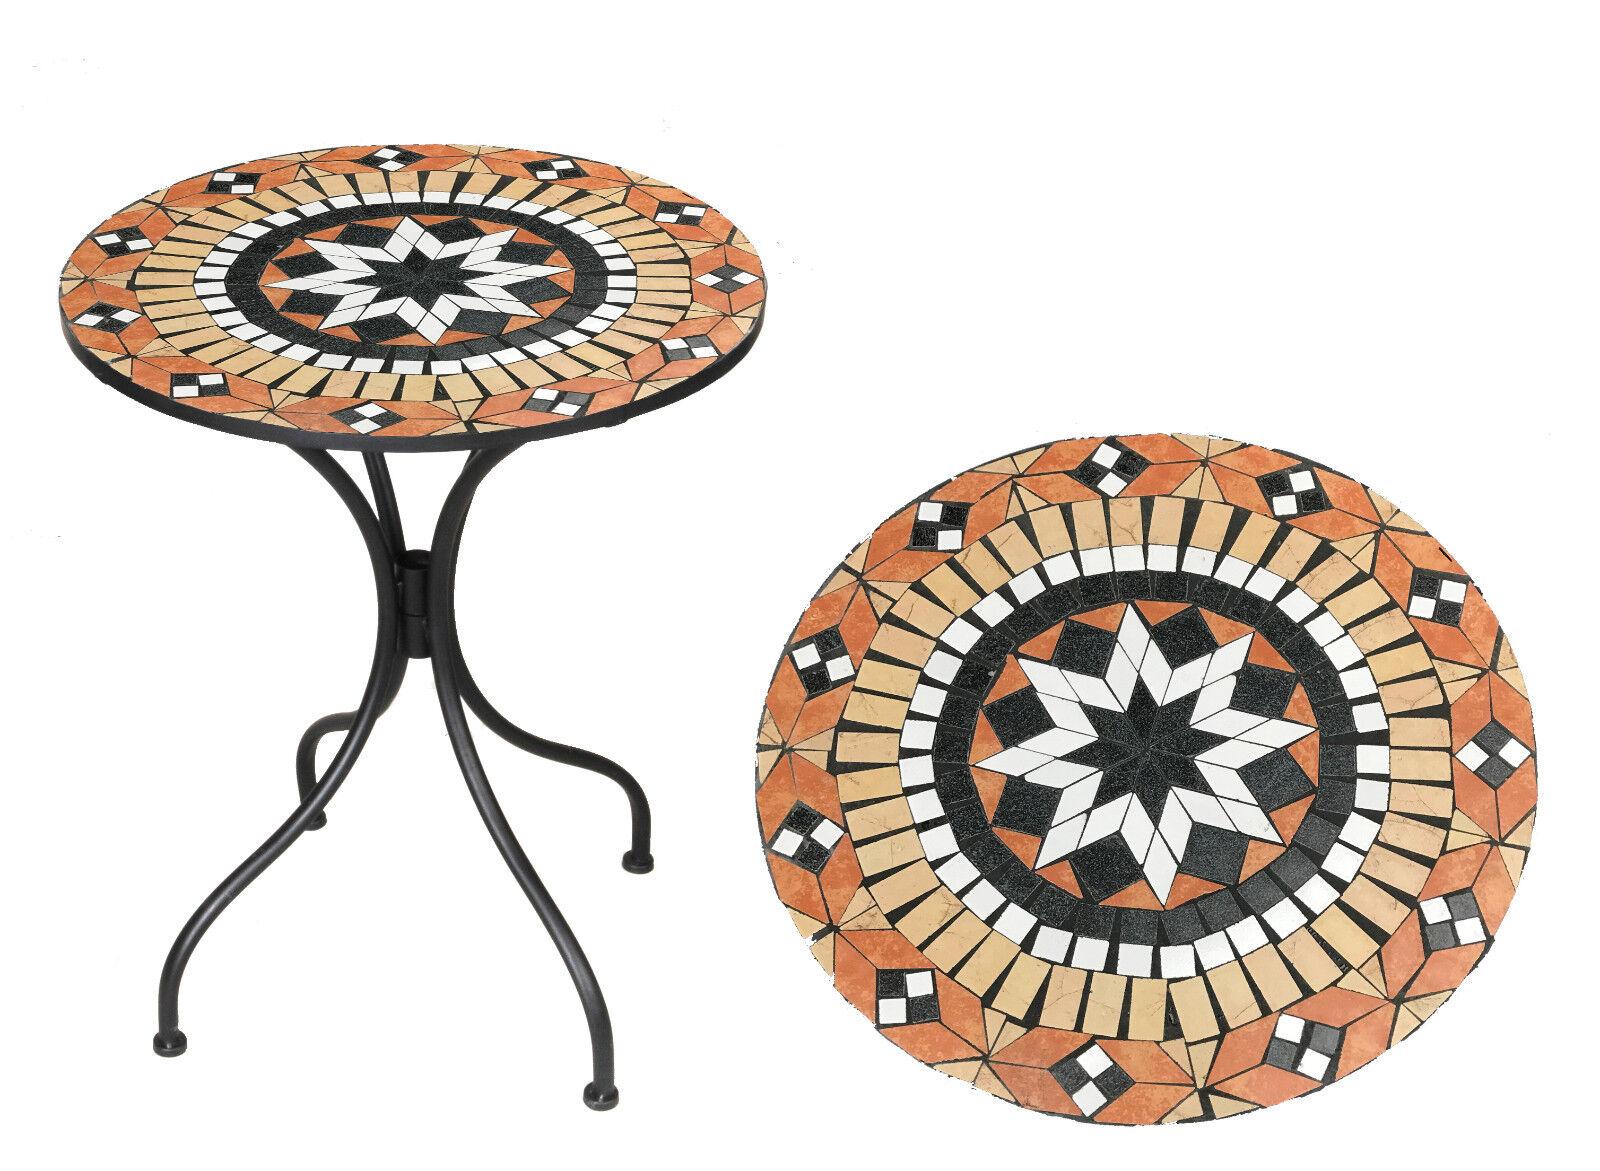 Bistro Mosaik Tisch   Garten Terrassen Tisch 60cm 60cm 60cm ( ) c9bd31